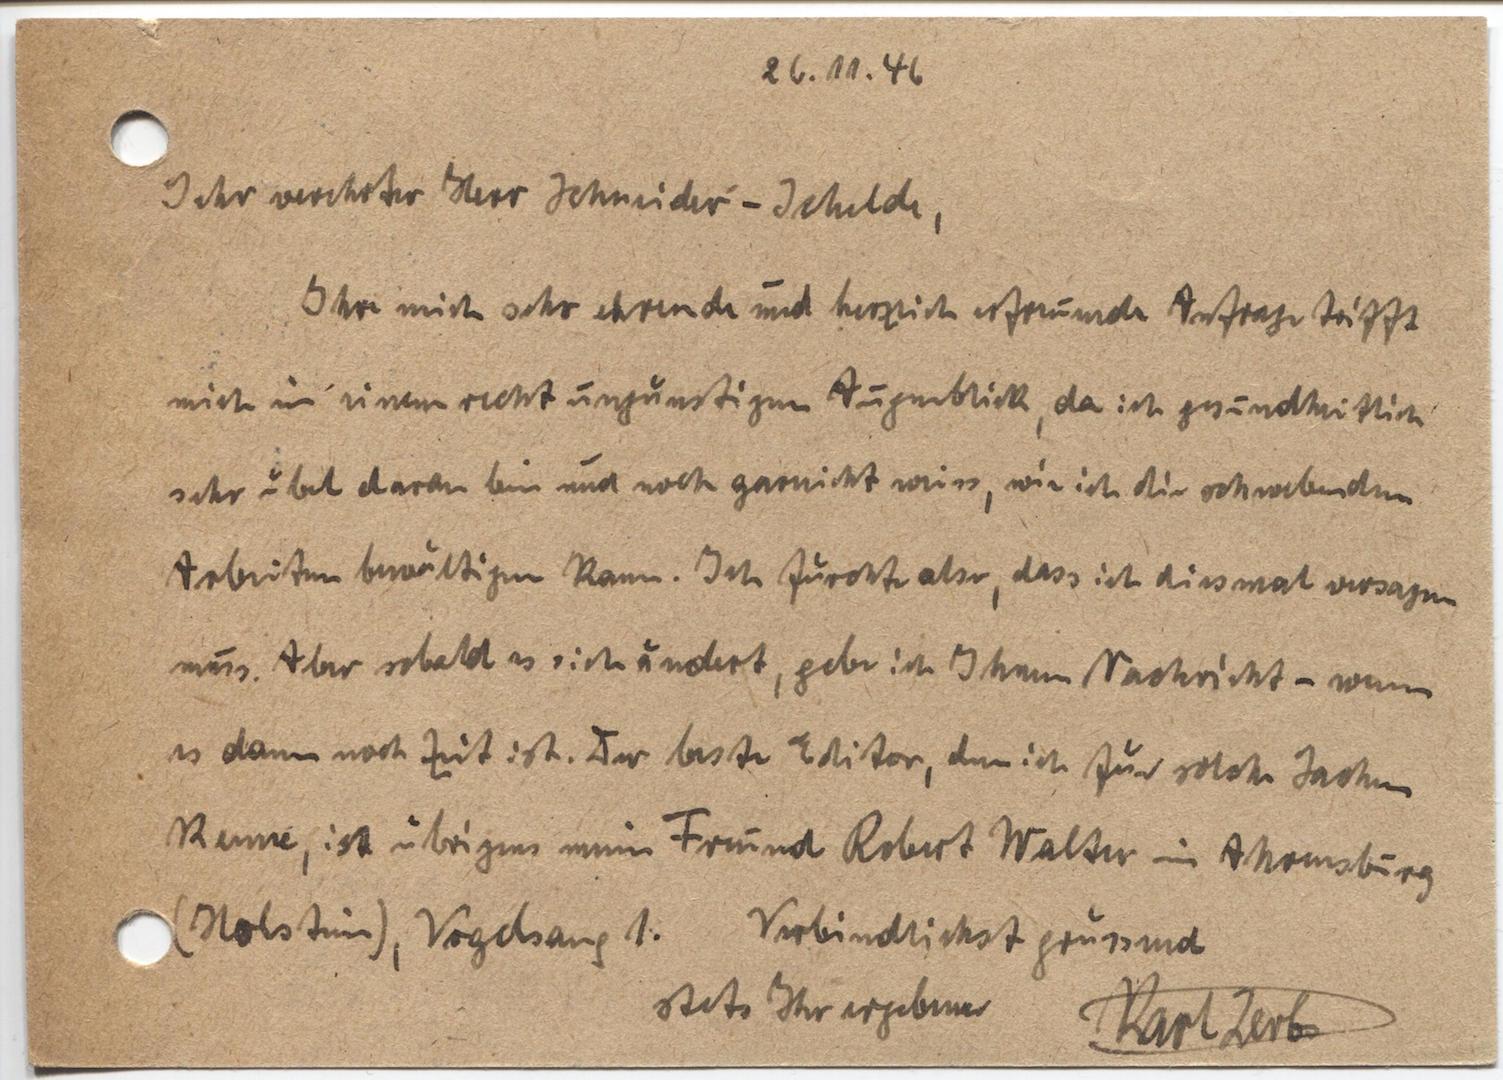 Das letzte Schreiben: Am Tage vor seinem Tod meldete sich Karl Lerbs bei Rudolf Schneider-Schelden. Quelle: Literaturarchiv der Monacensia, München